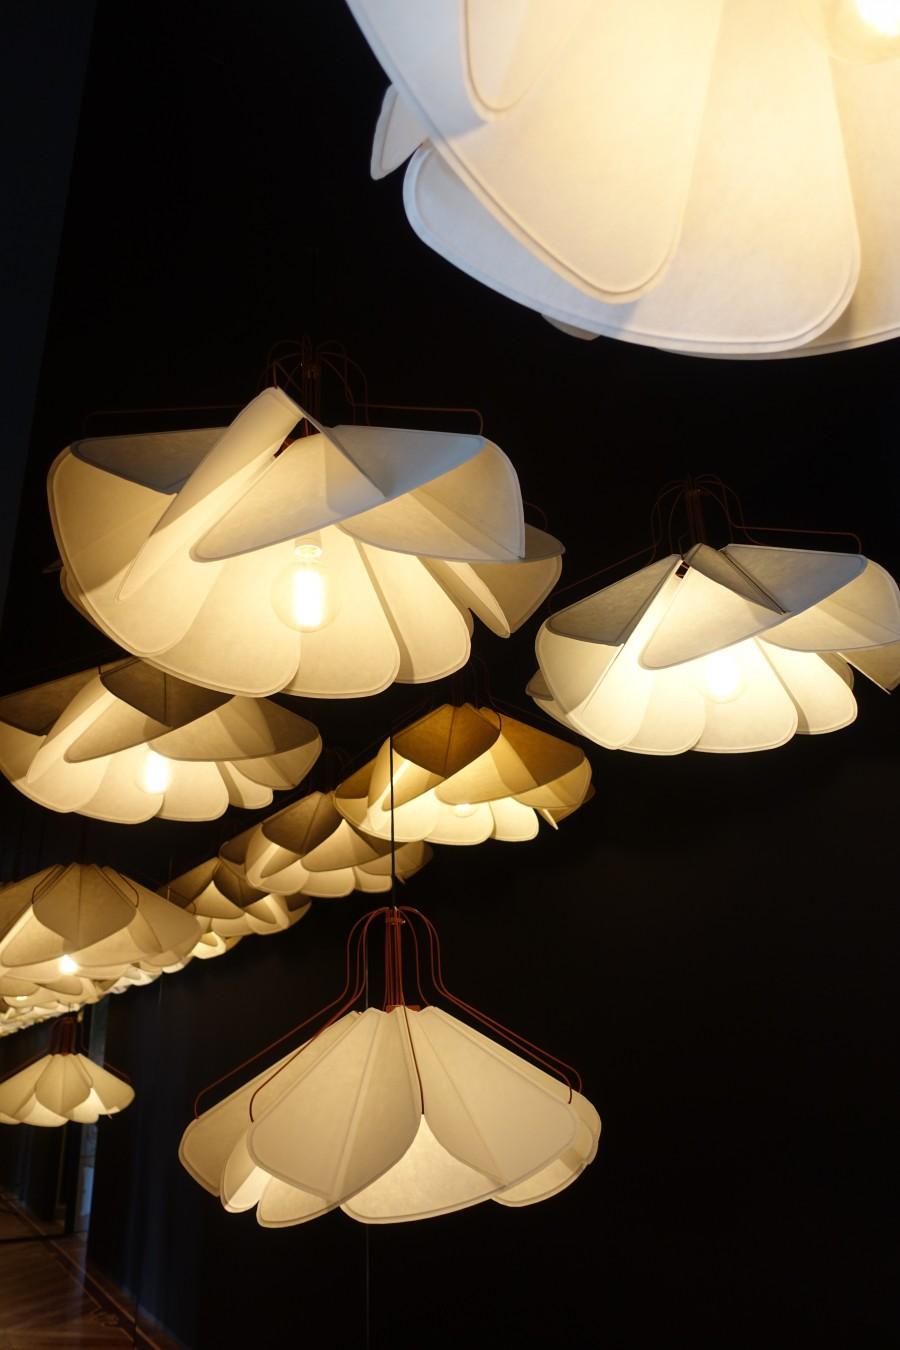 Louis Vuitton's Objets Nomades